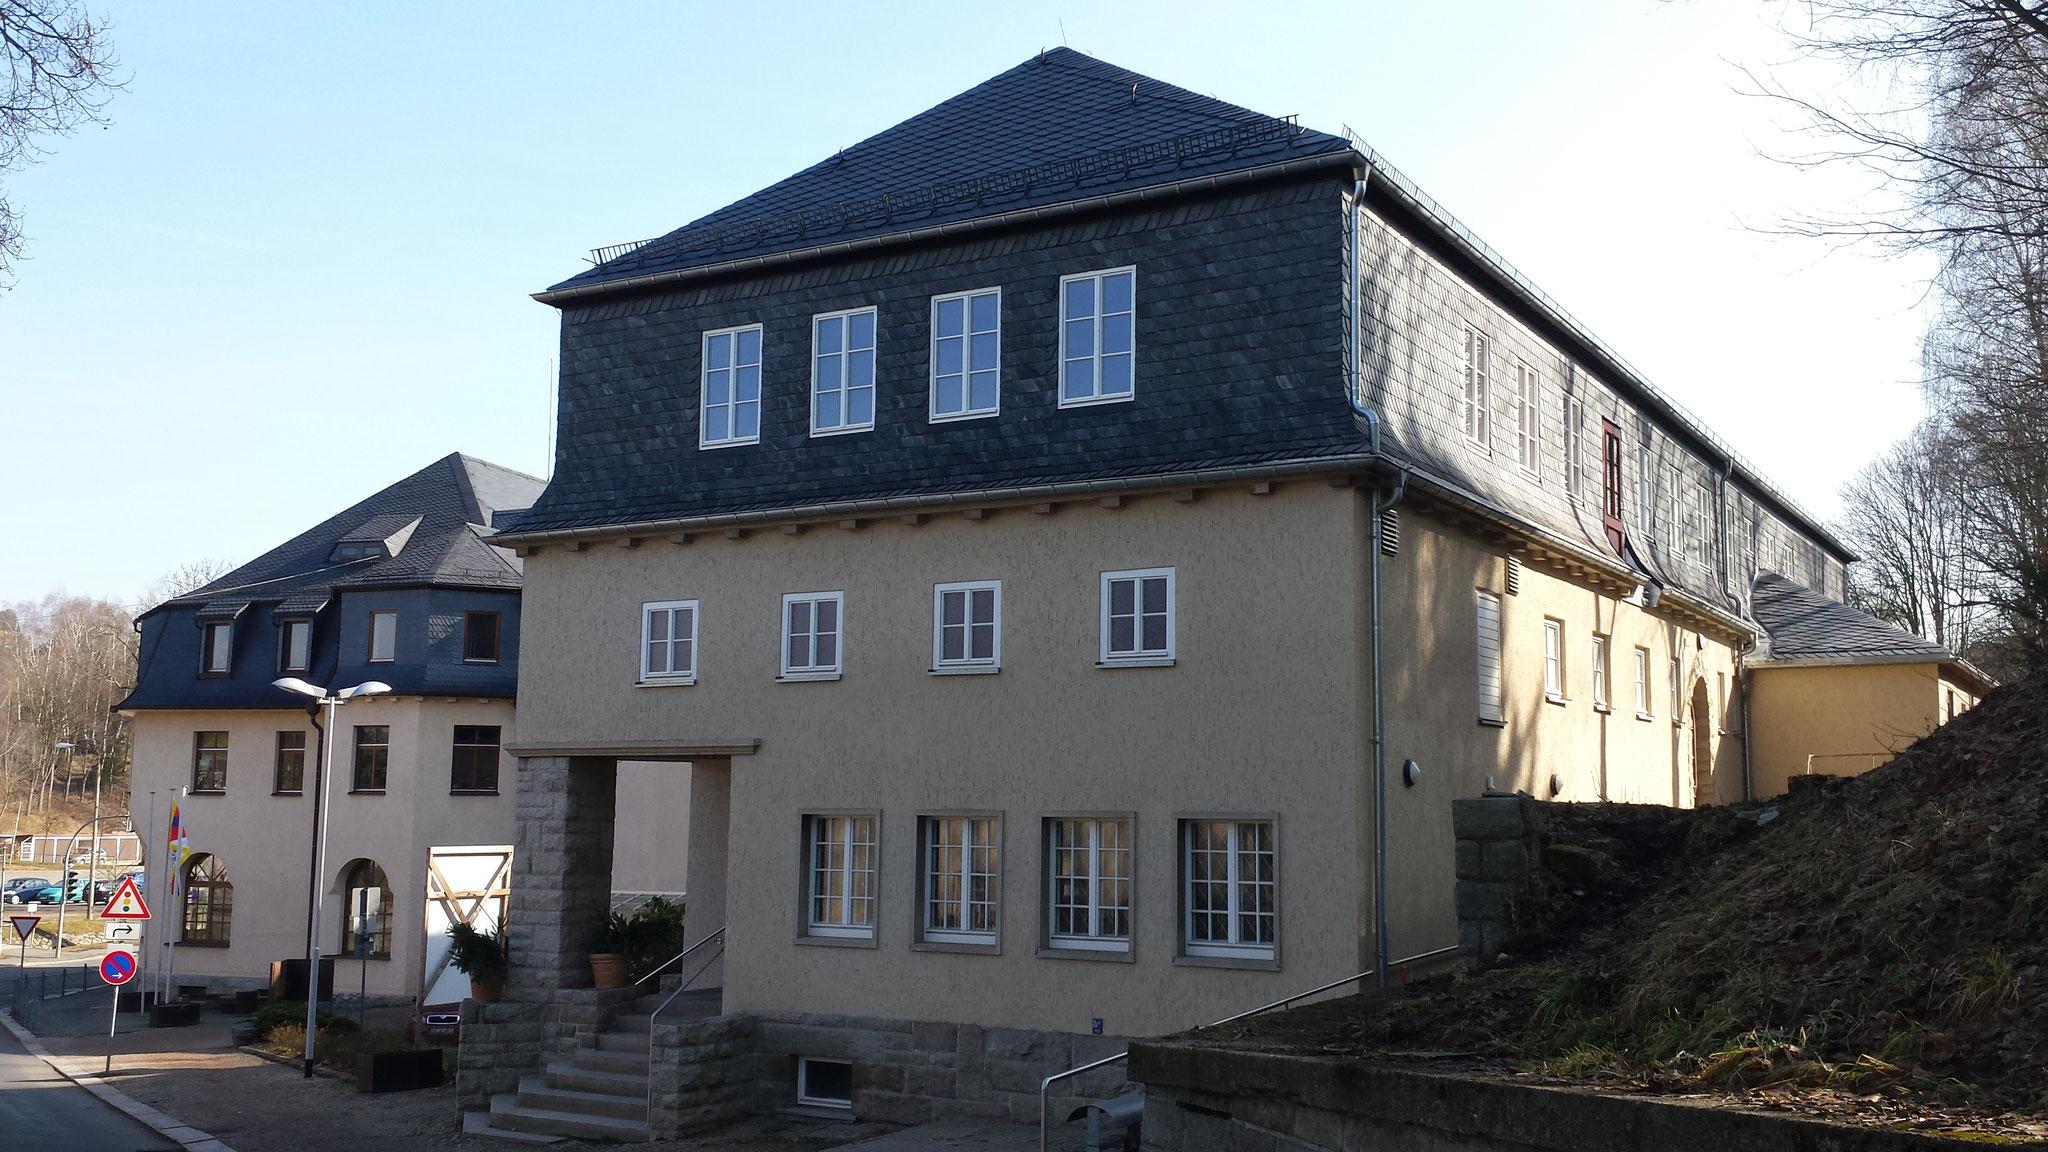 Ratskeller Rodewisch